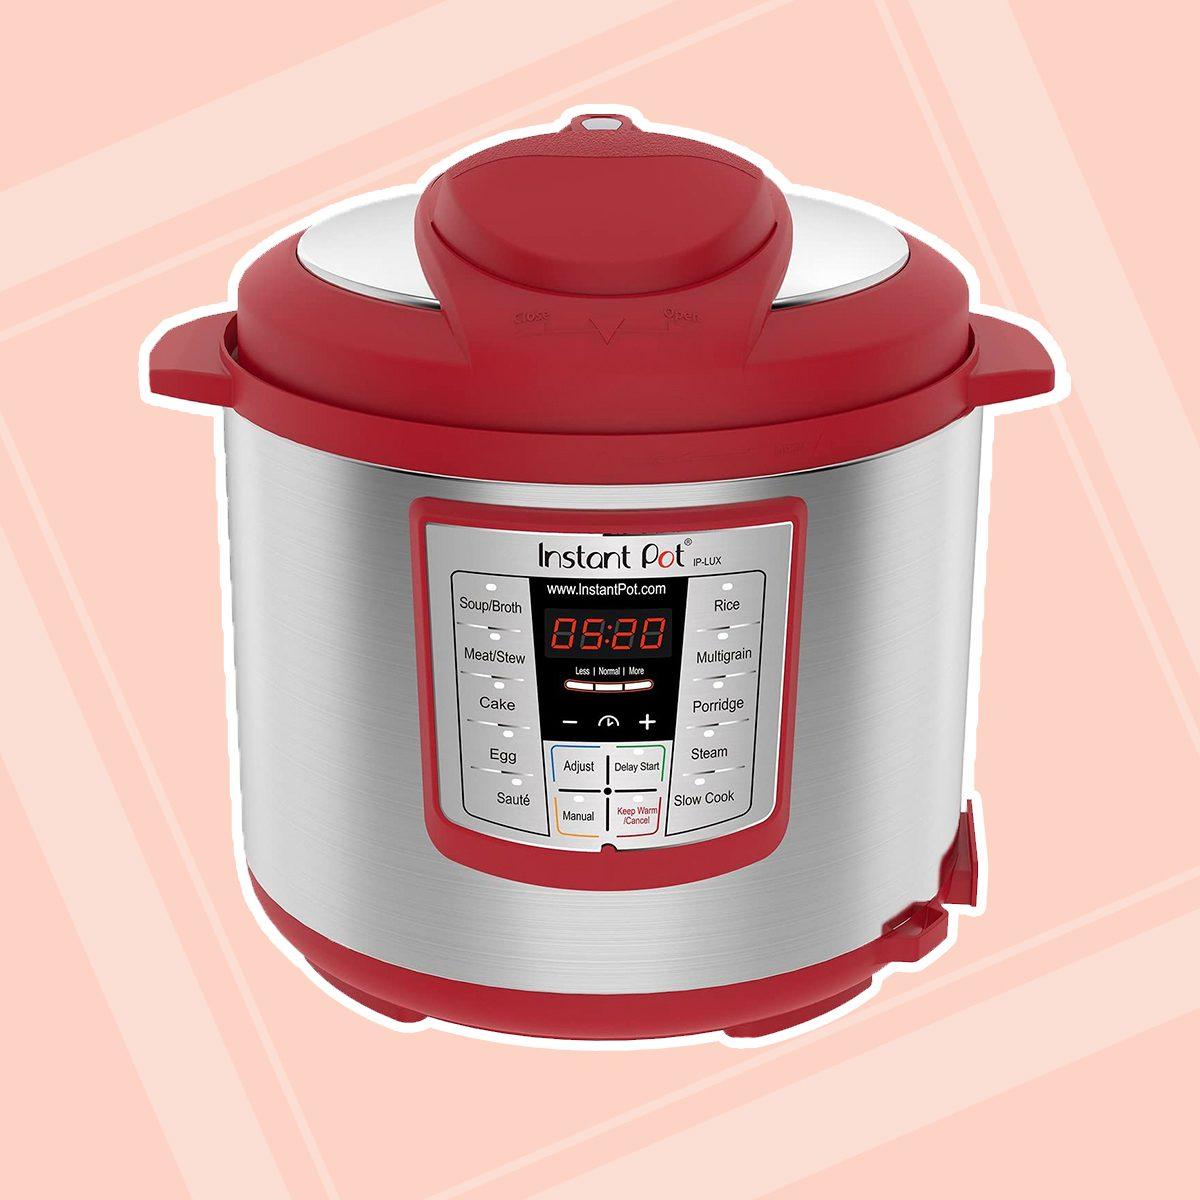 Instant Pot Lux 6-Quart